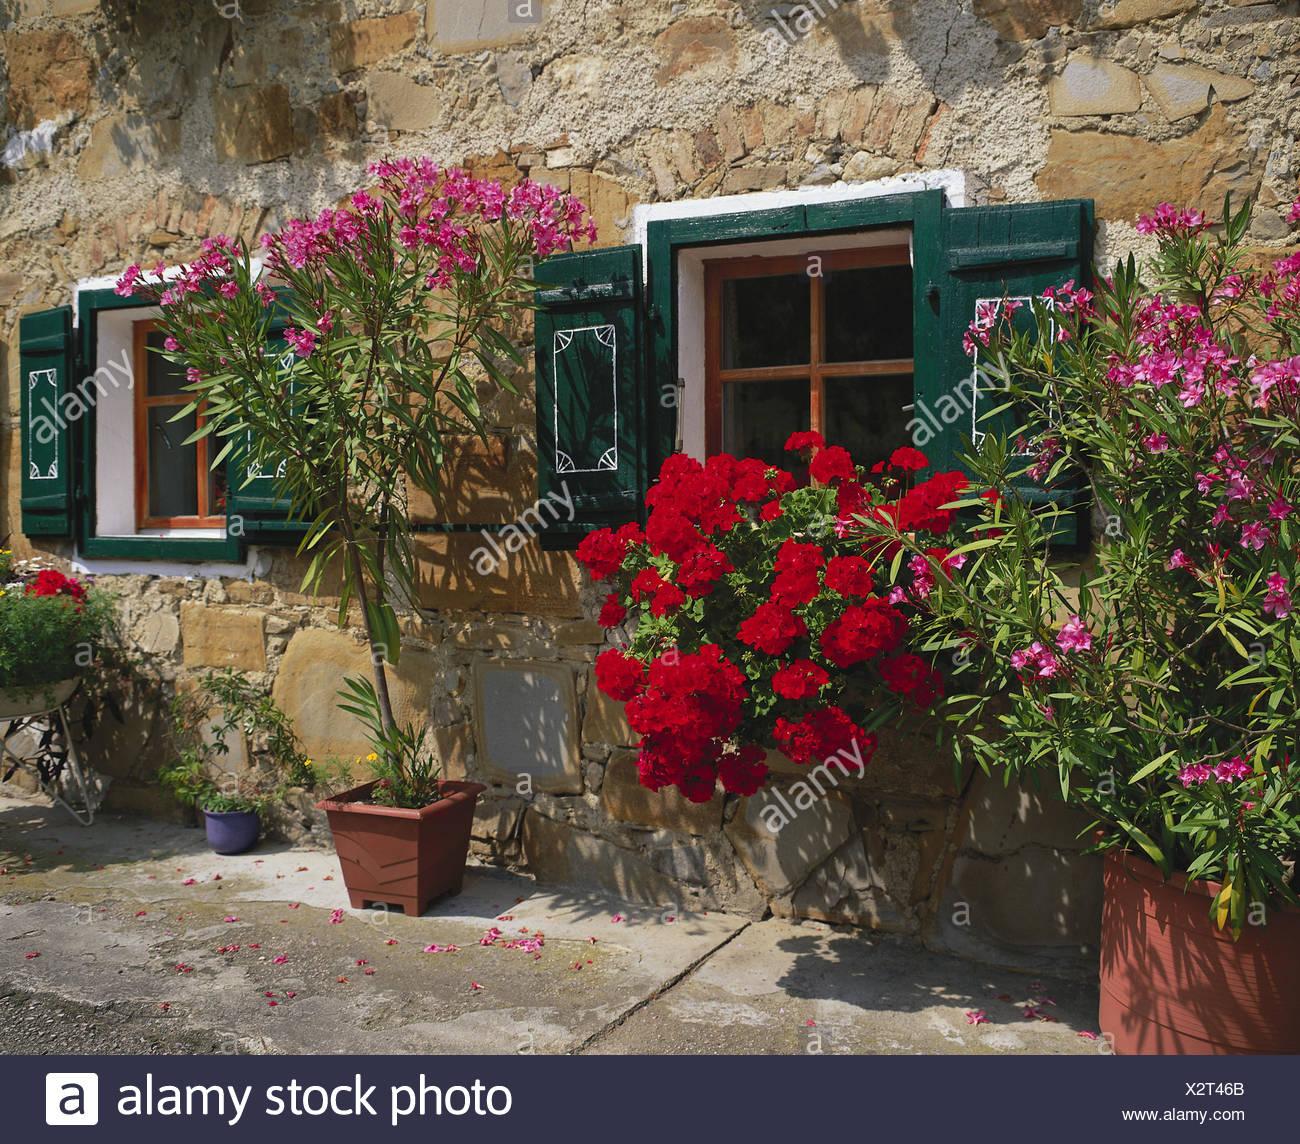 Haus Fassade Blumen Fenster Blumenkasten Geranien Blumentopfe